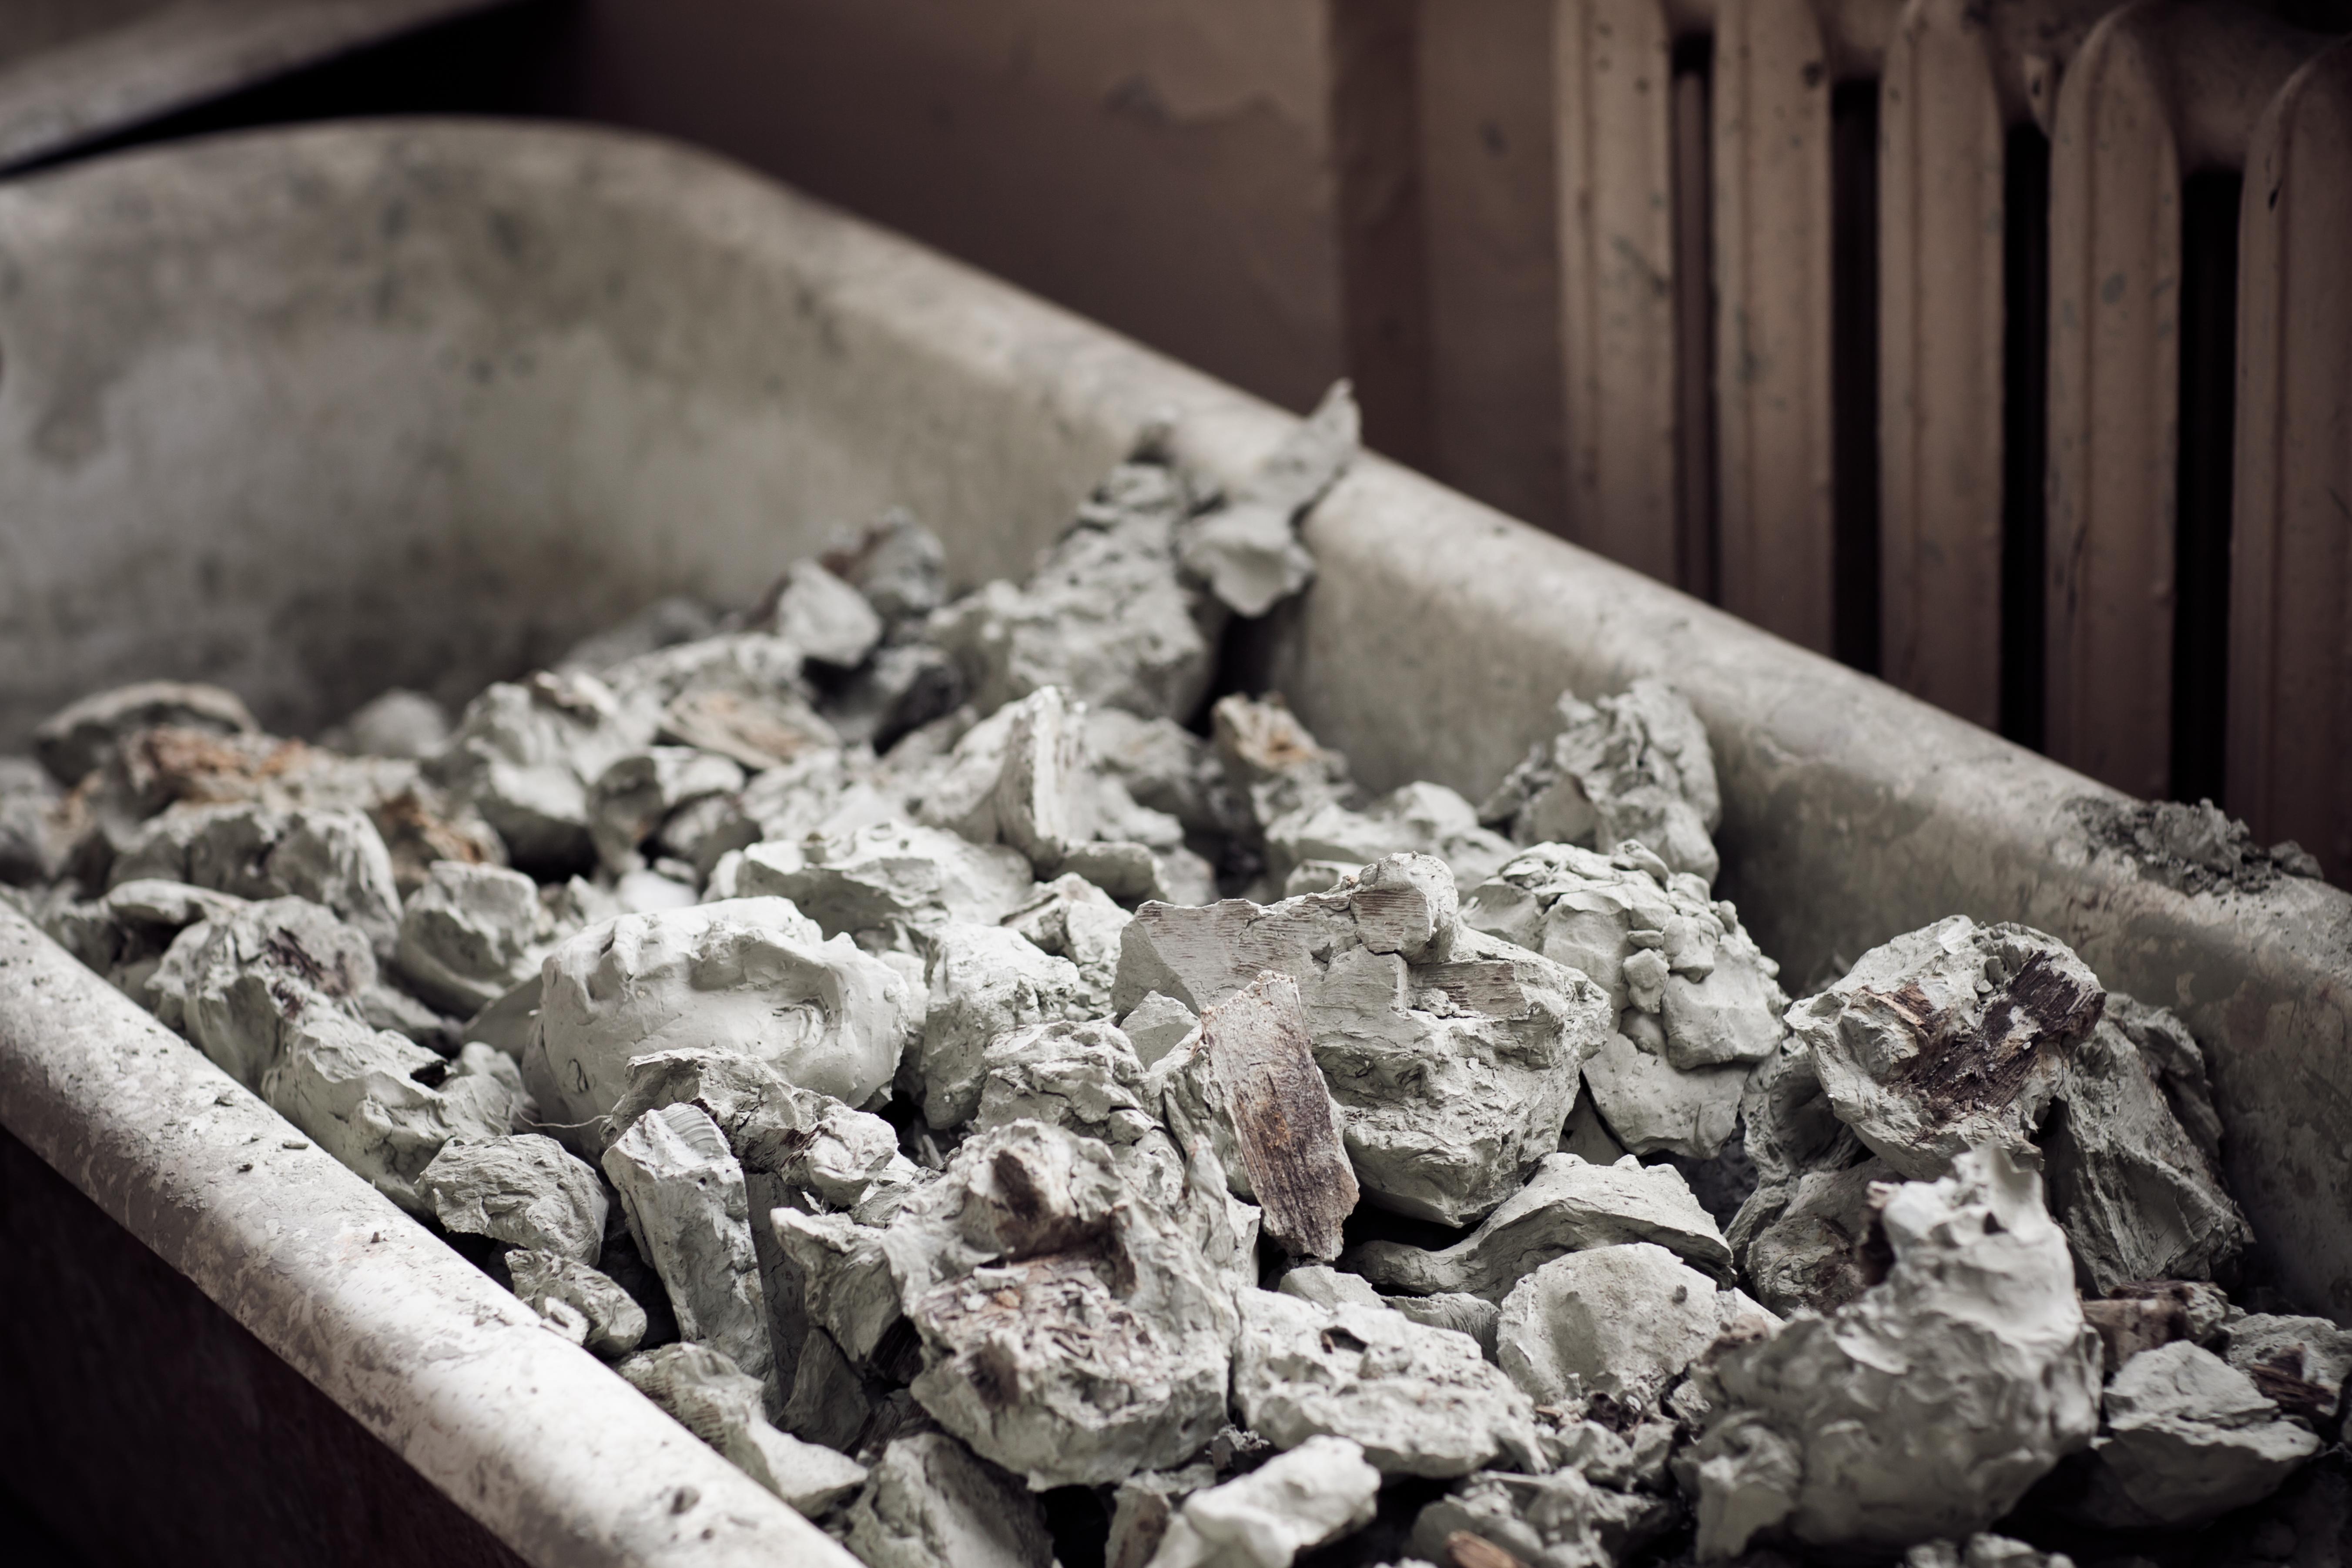 Vasca Da Bagno Ruggine : Sfondi : scultura viso pietra ruggine pezzi gesso argilla